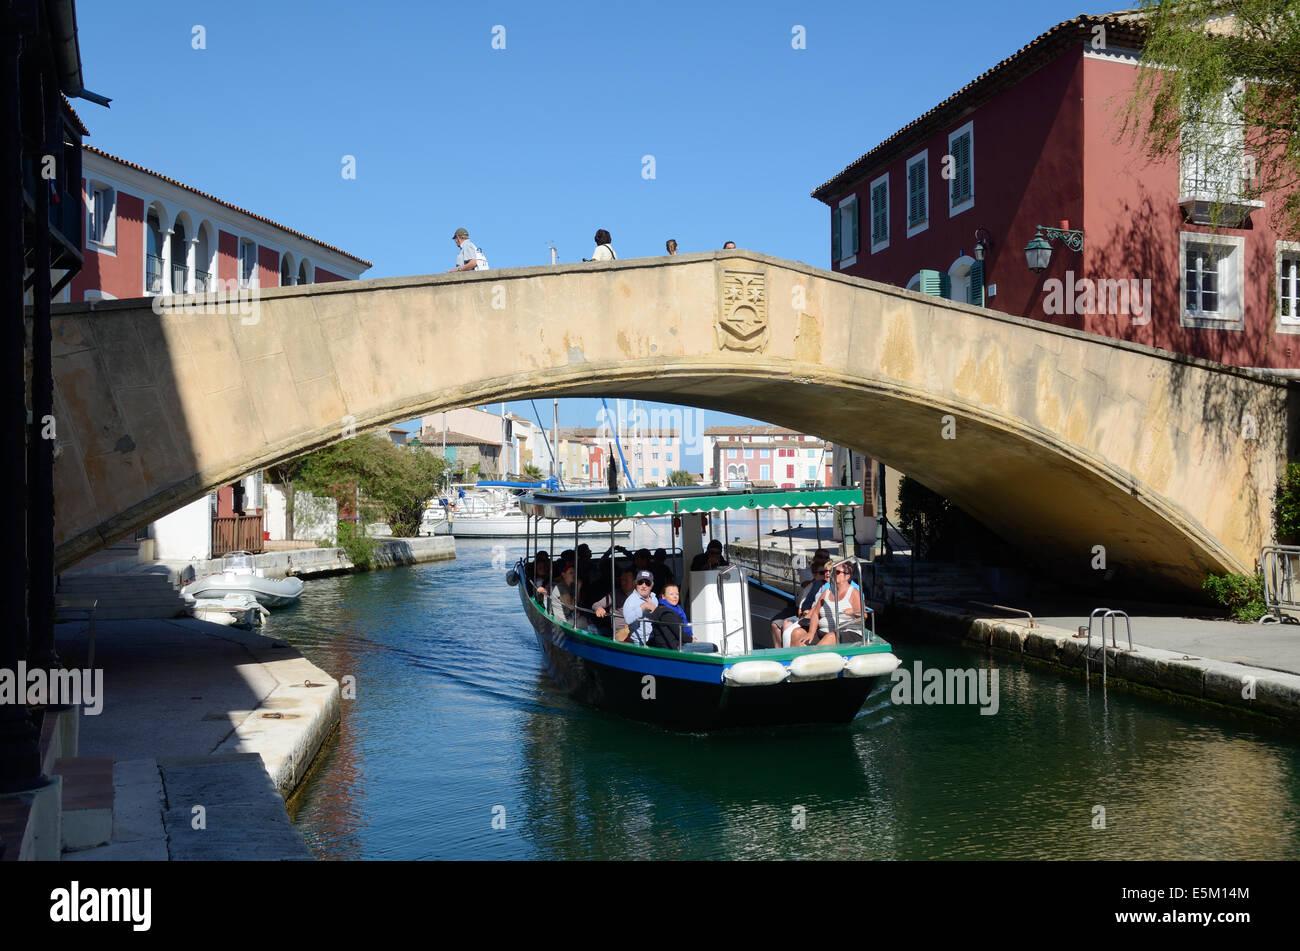 Viaje en barco y un puente peatonal en la Ciudad Resort Port Grimaud Var Provence Côte d'Azur de Francia Imagen De Stock